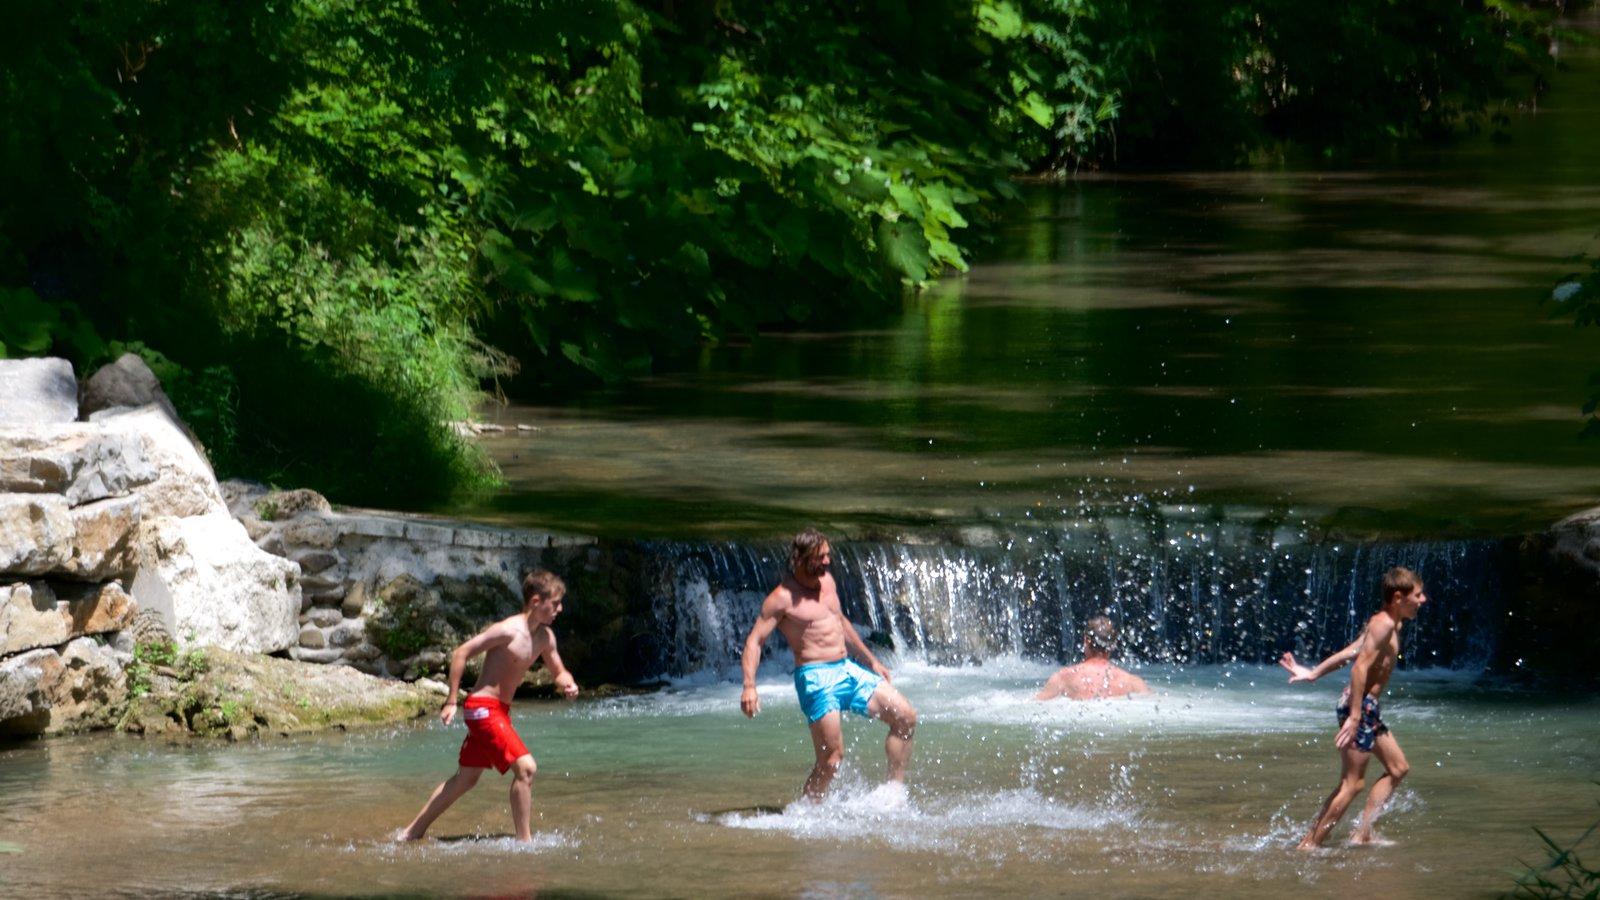 Pitigliano ofreciendo natación y un río o arroyo y también niños